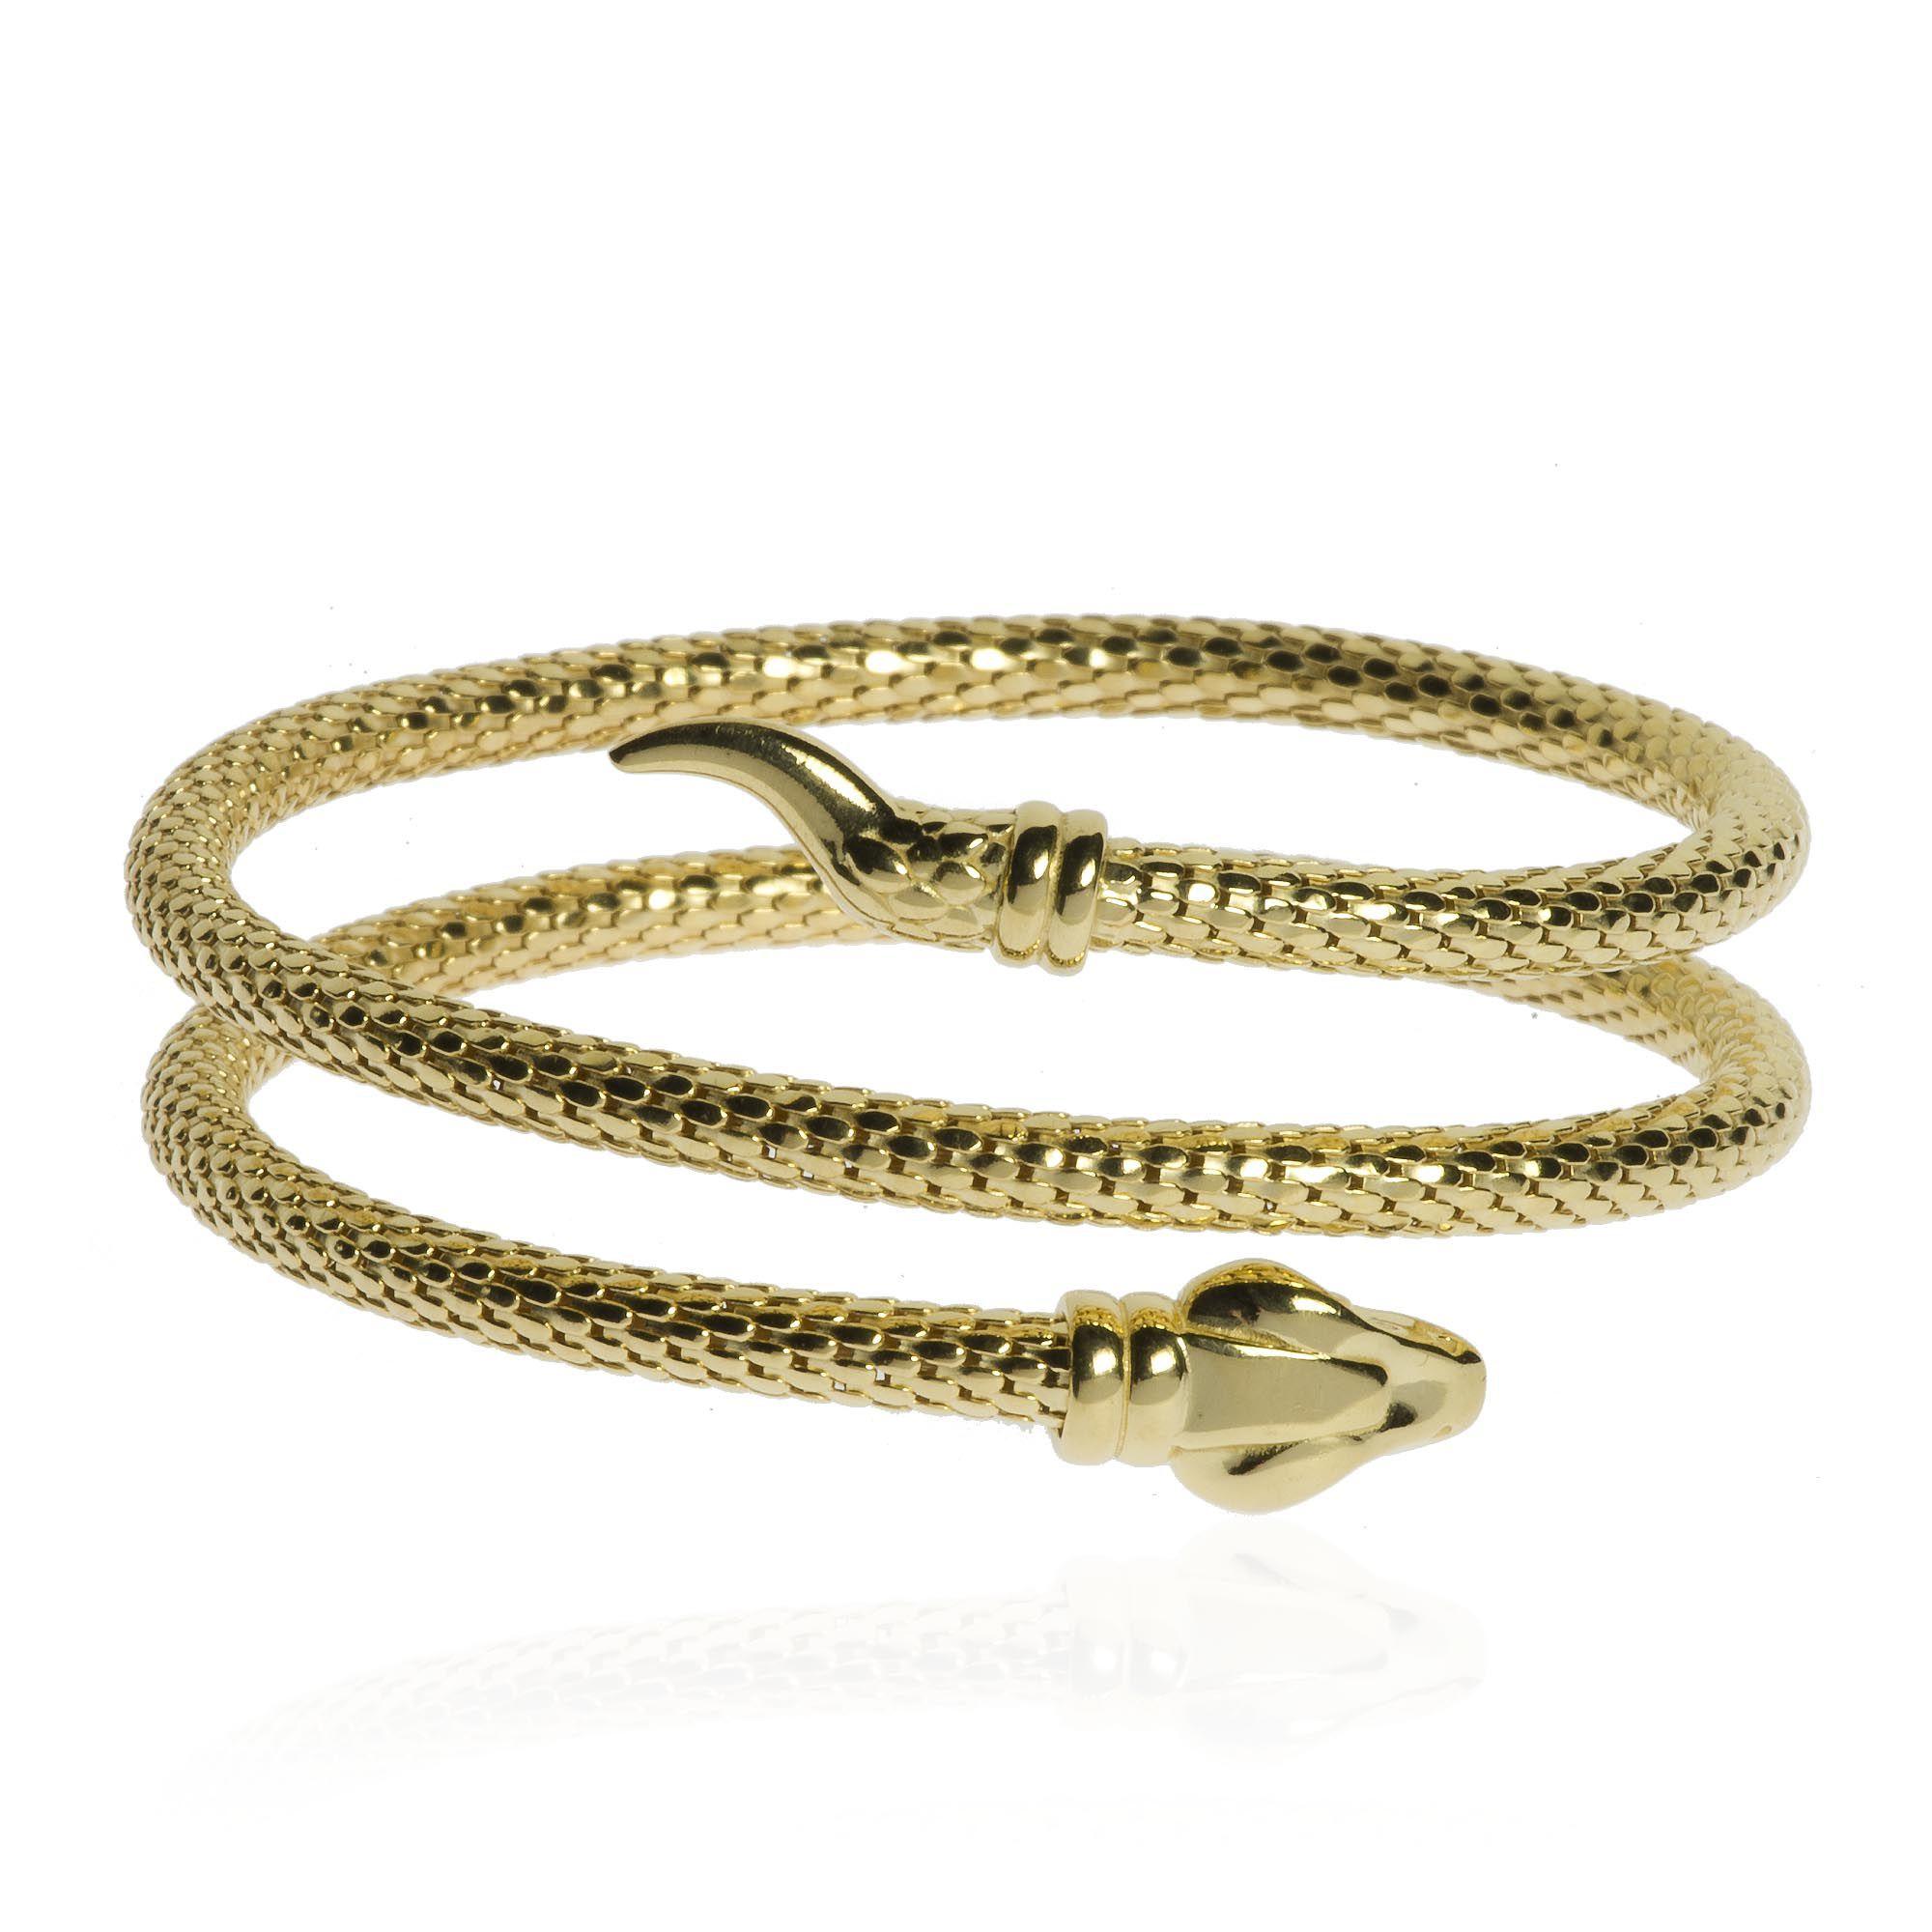 Bracciale d 39 argento a forma di serpente con occhio rosso - Serpente collegare i punti ...